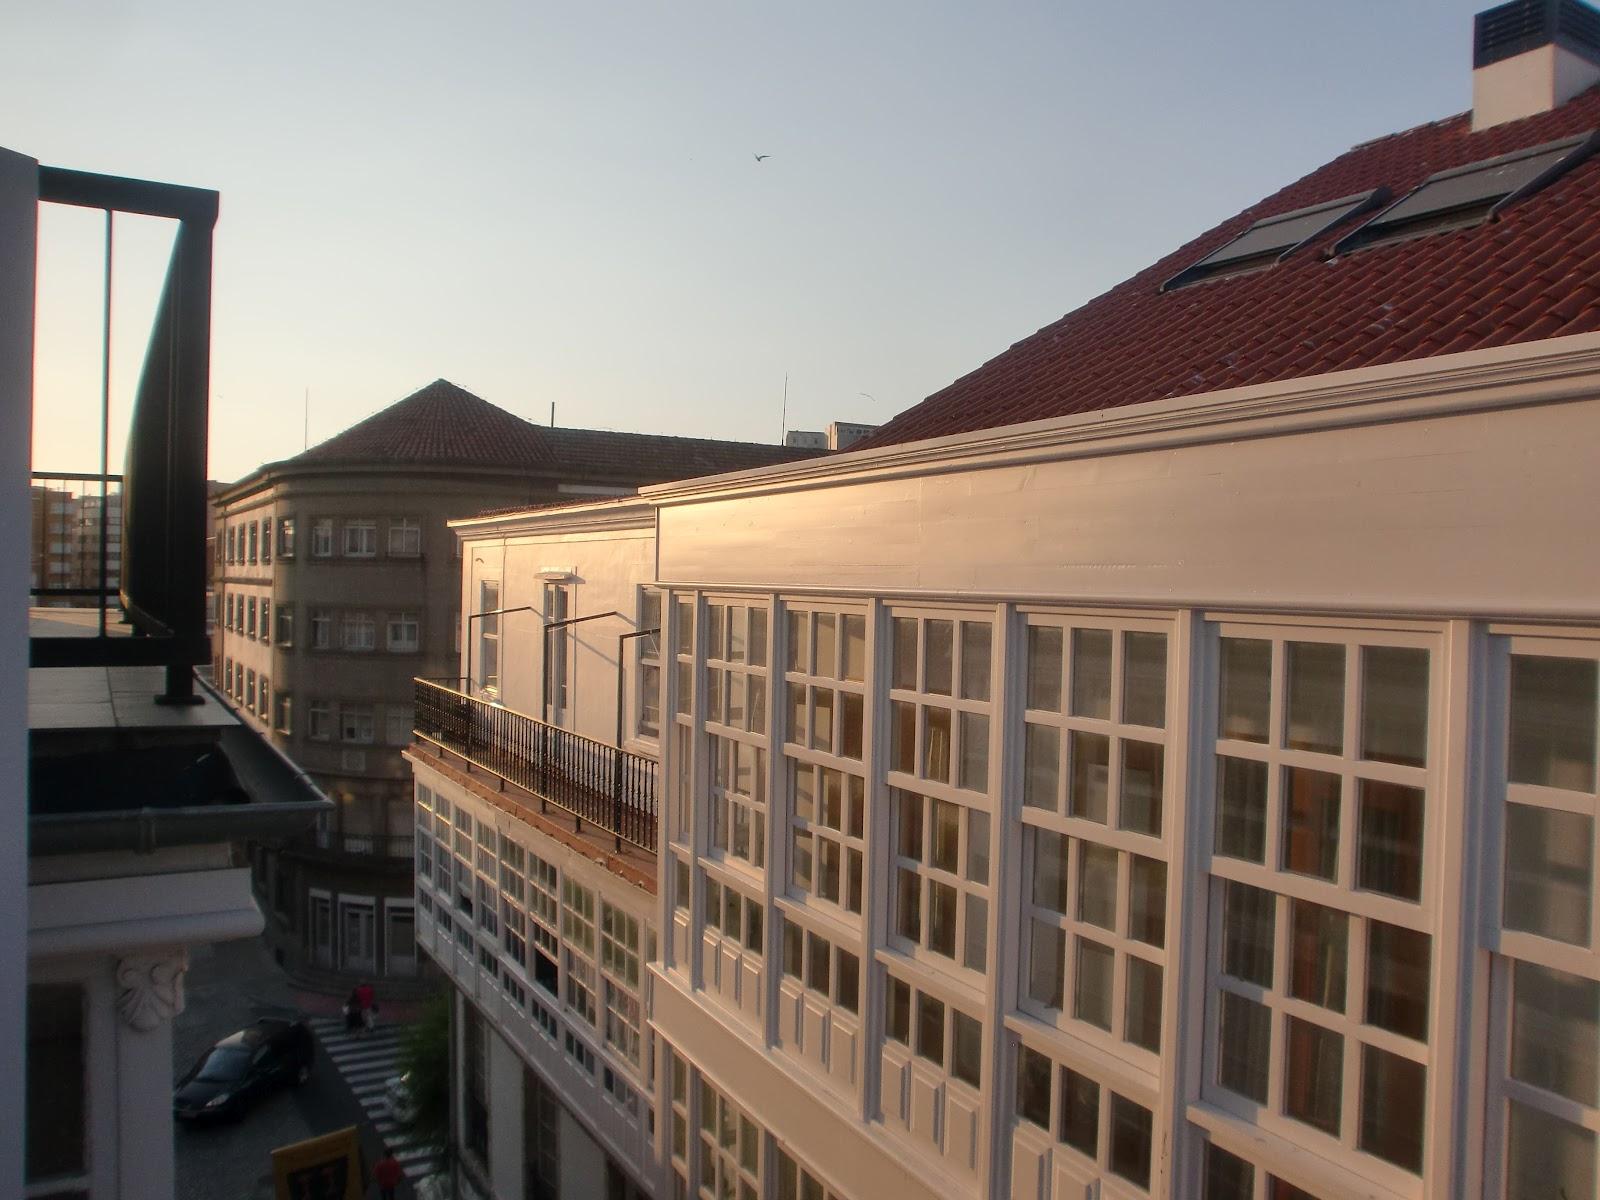 Viviendas coru a viviendas coru a apartamento de dise o en alquiler en la ciudad vieja coru a - Alquiler pisos coruna ciudad ...